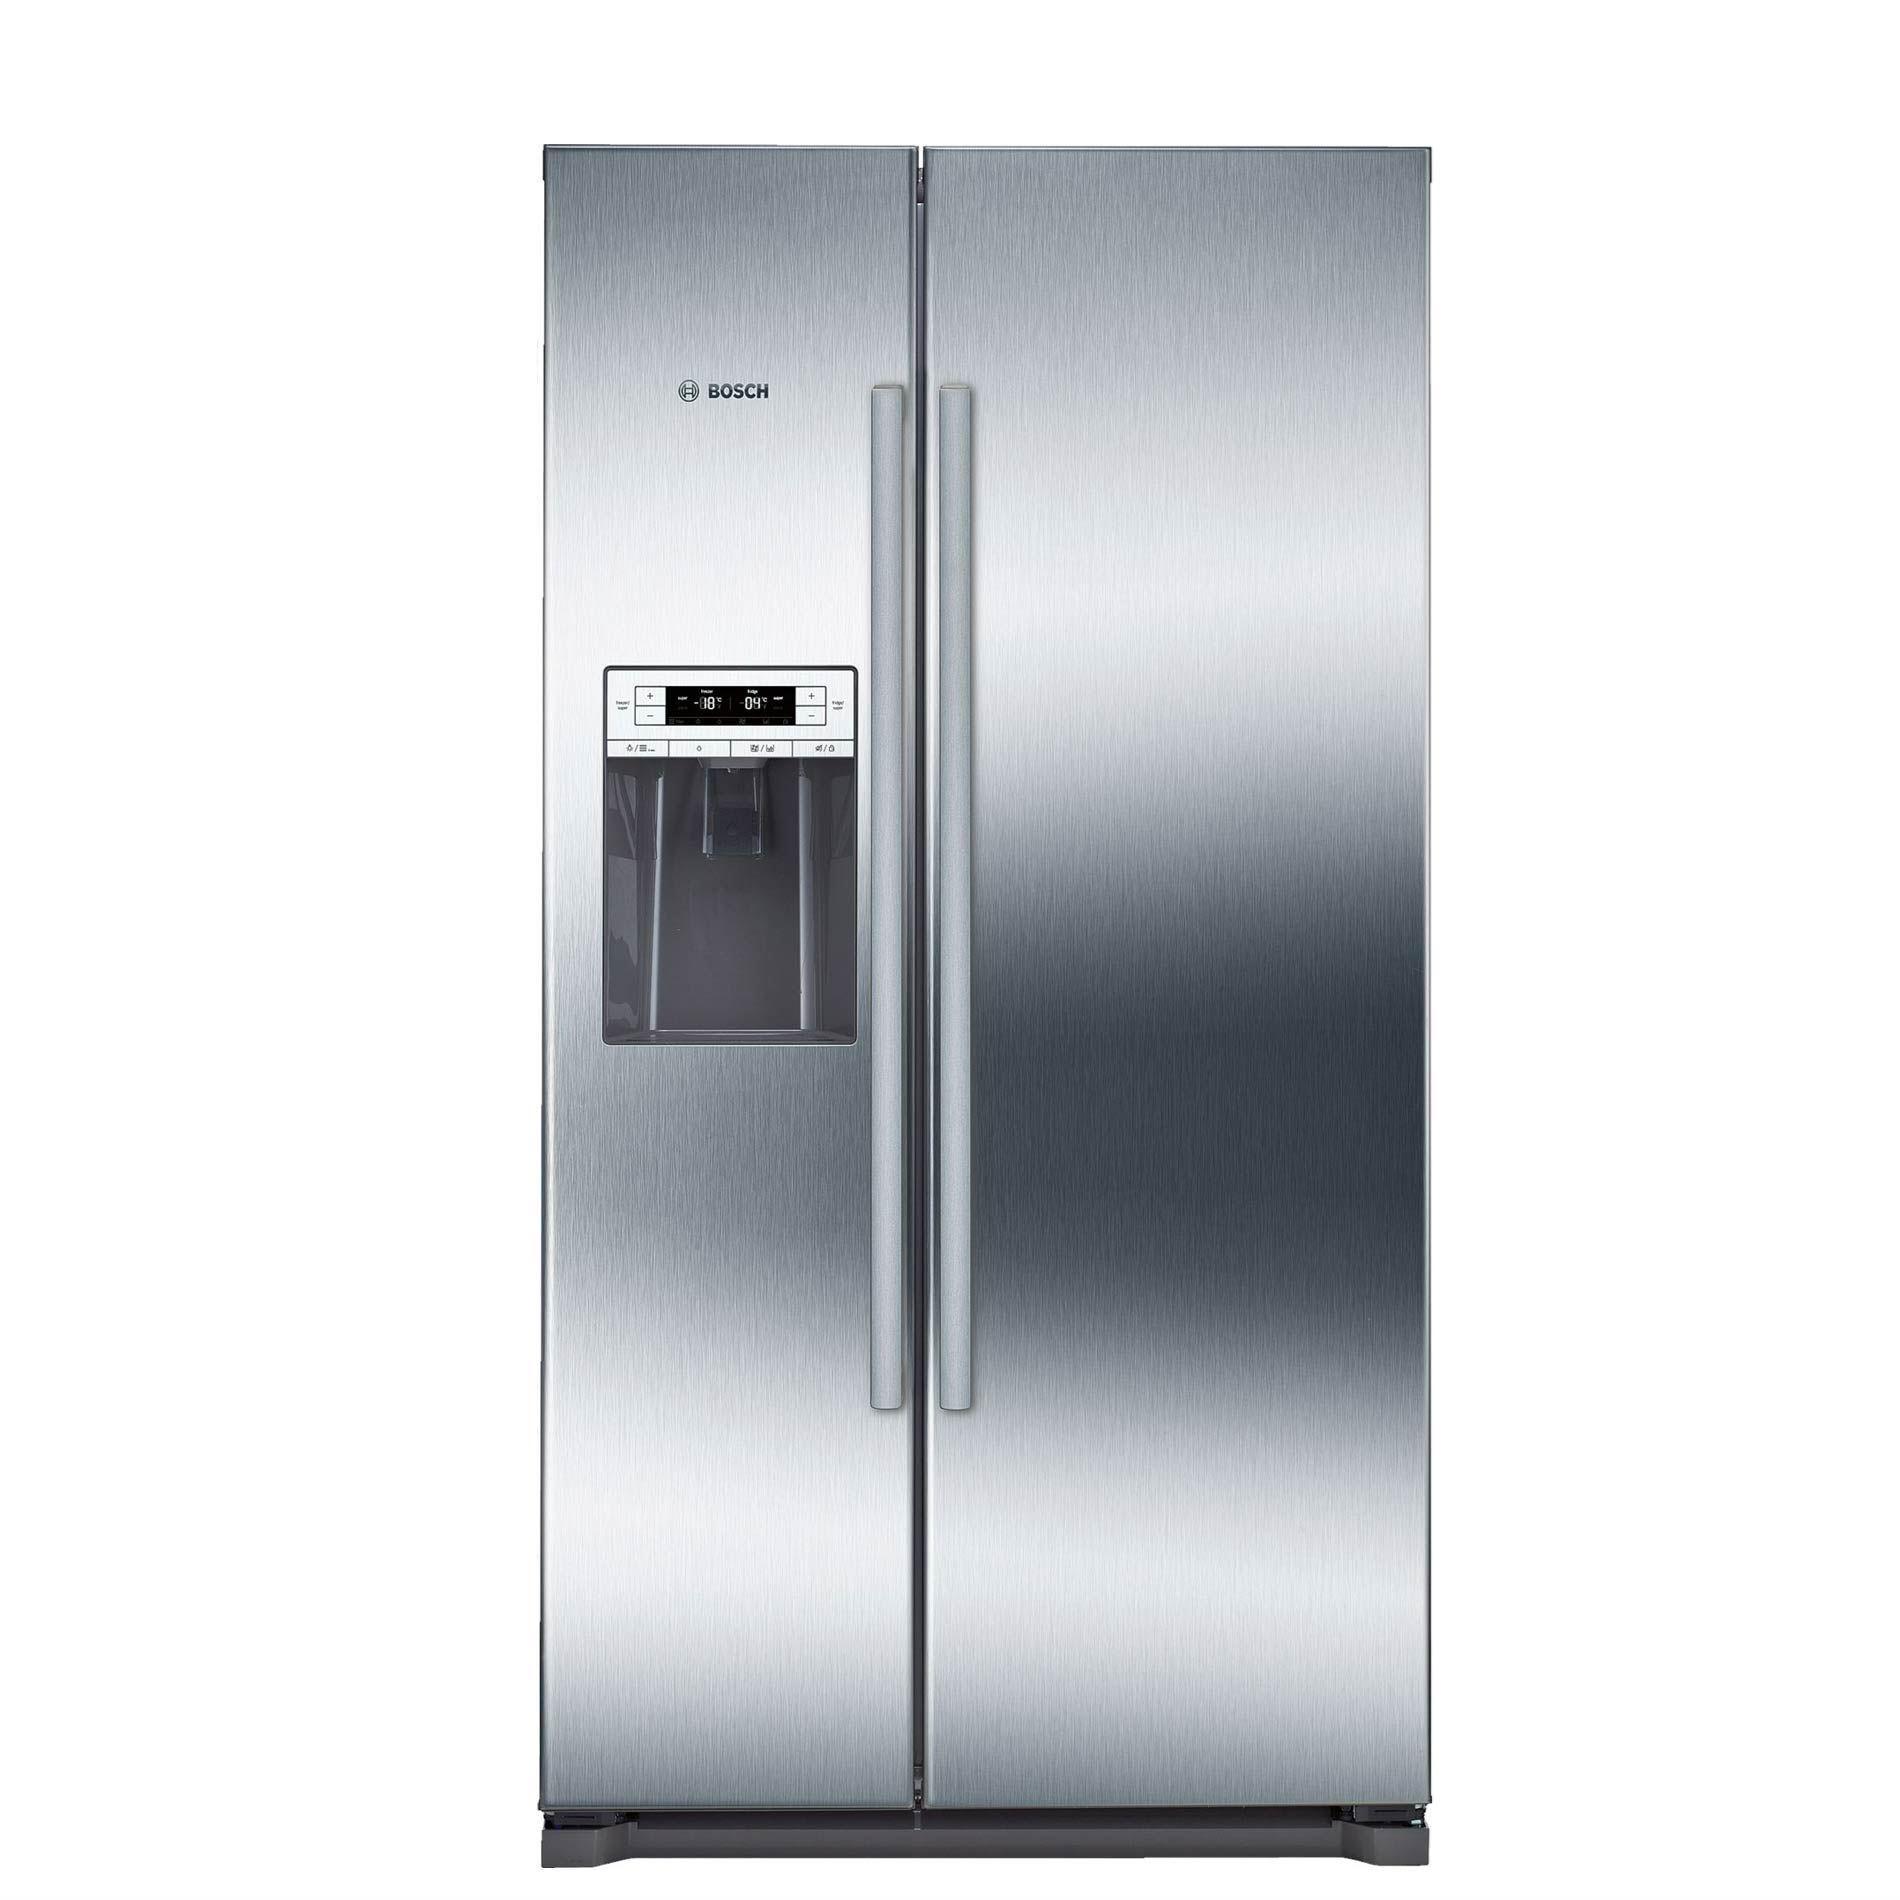 Inspiring 45cm Fridge Freezer 30 Photo Extended Homes